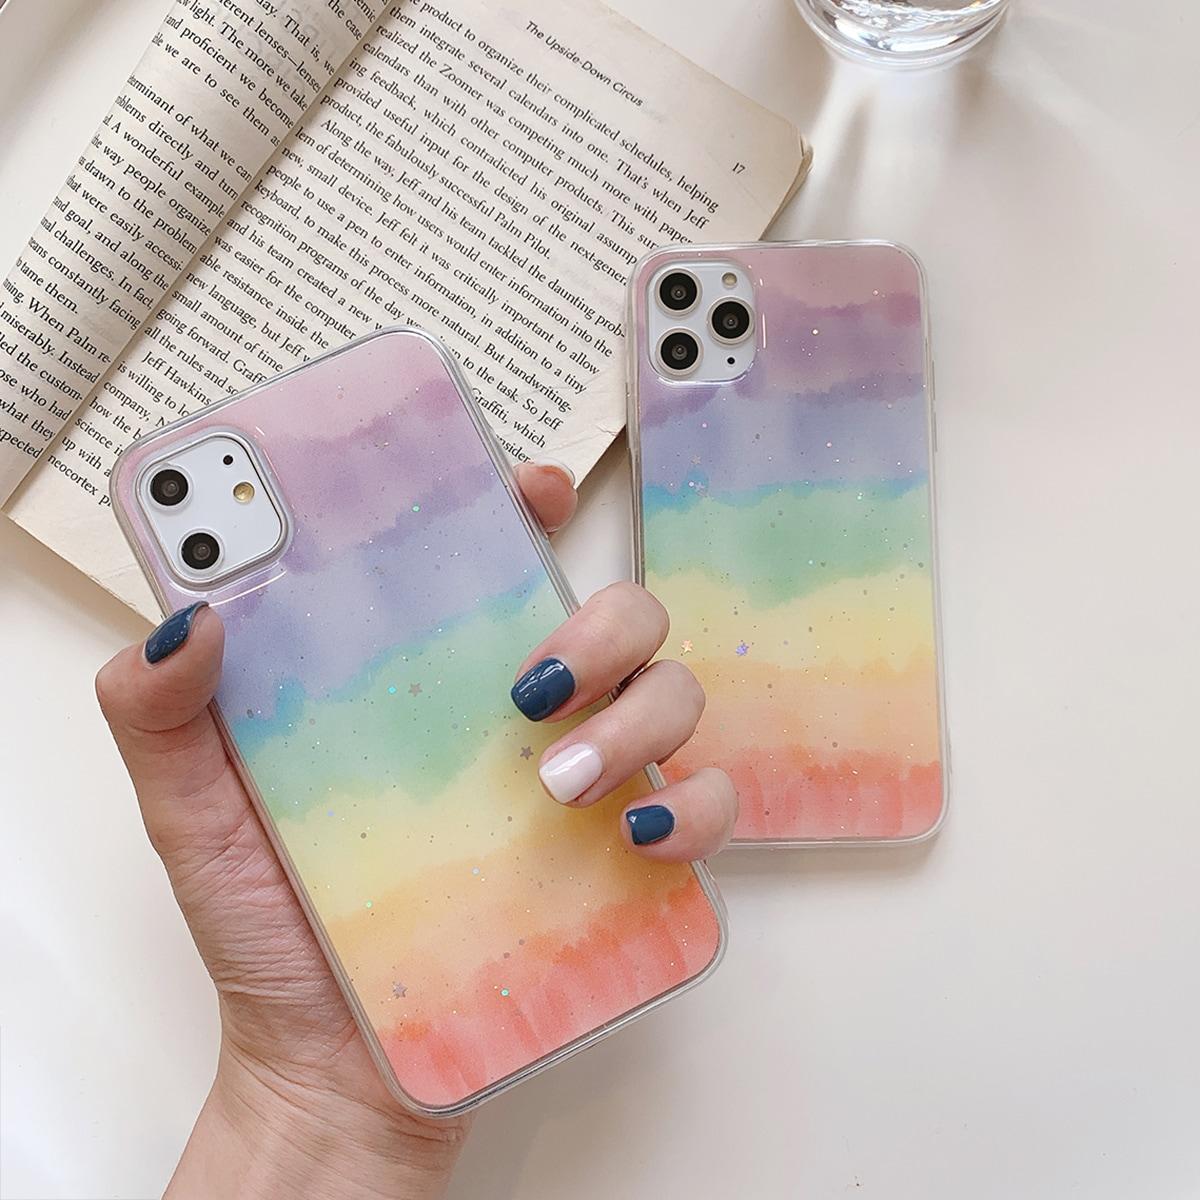 iPhone Hülle mit Glitzer und Regenbogen Design